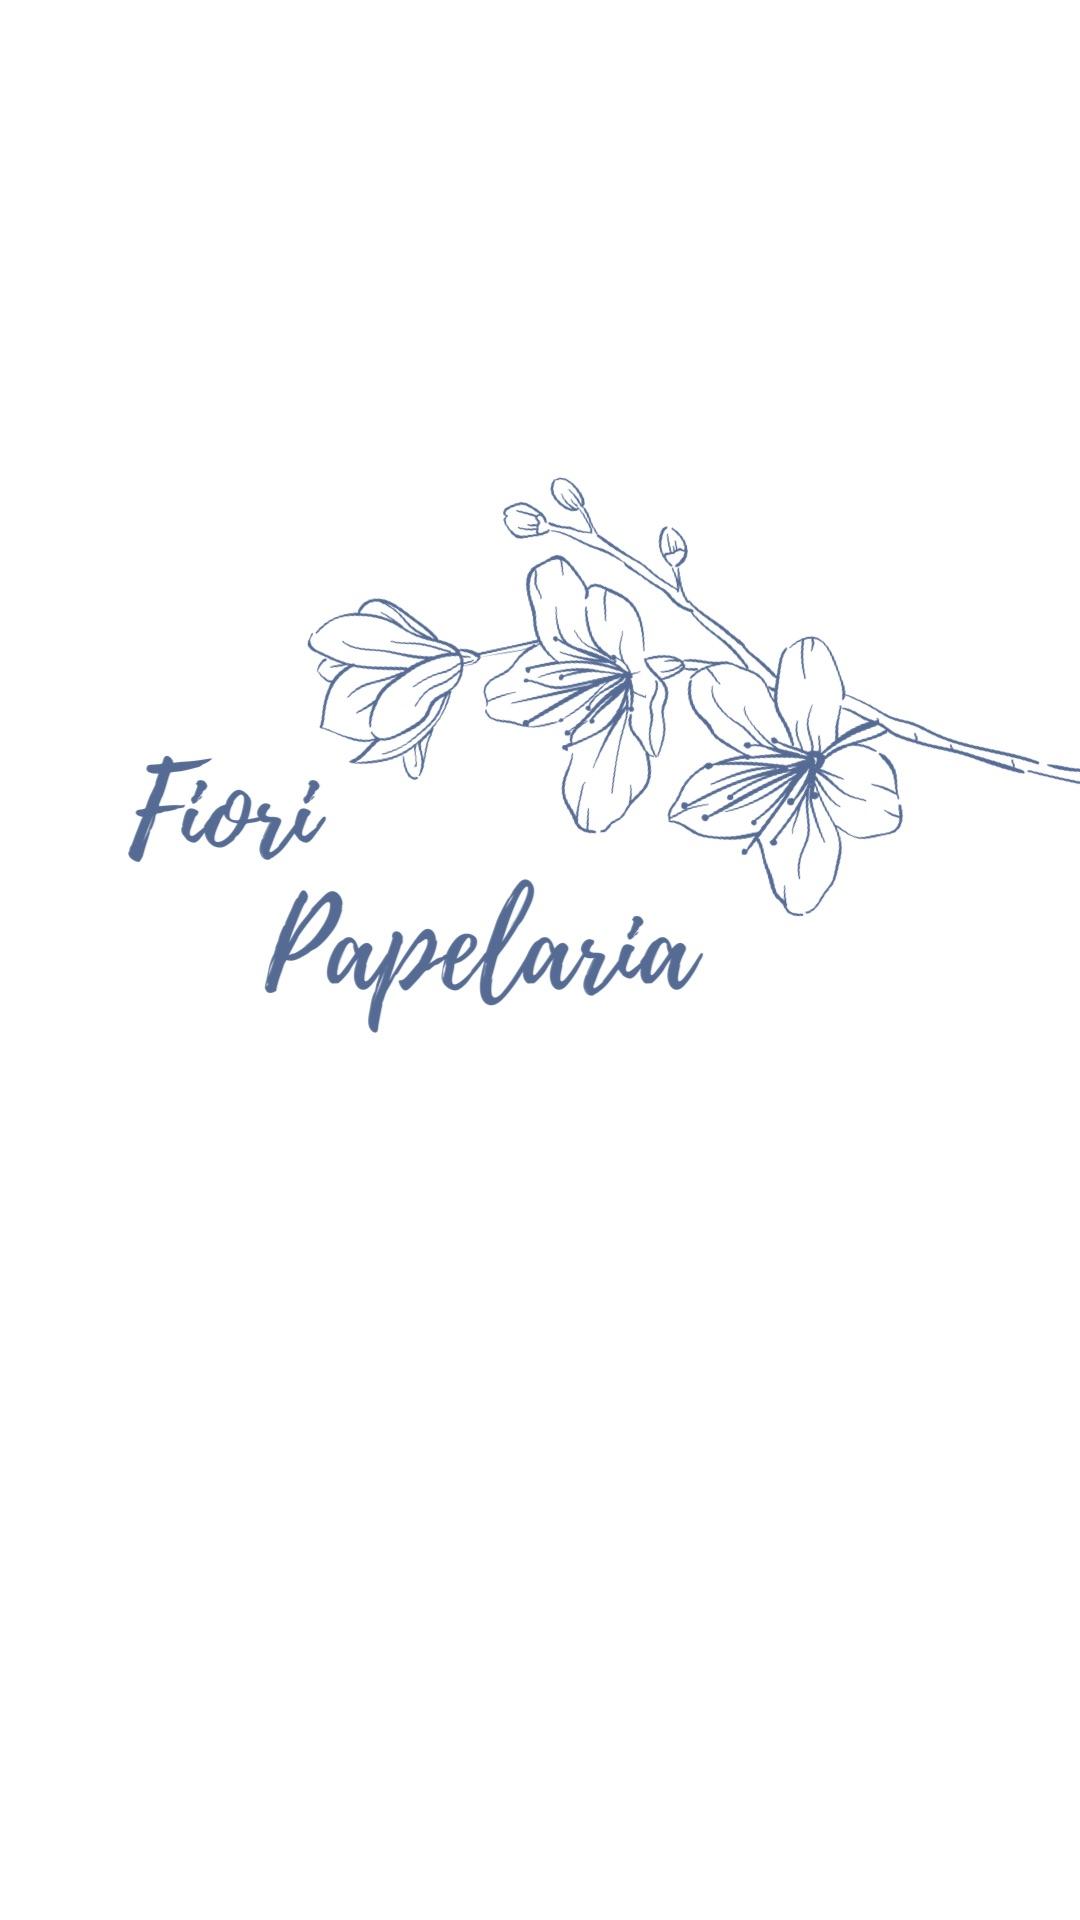 PAPELARIA FIORI